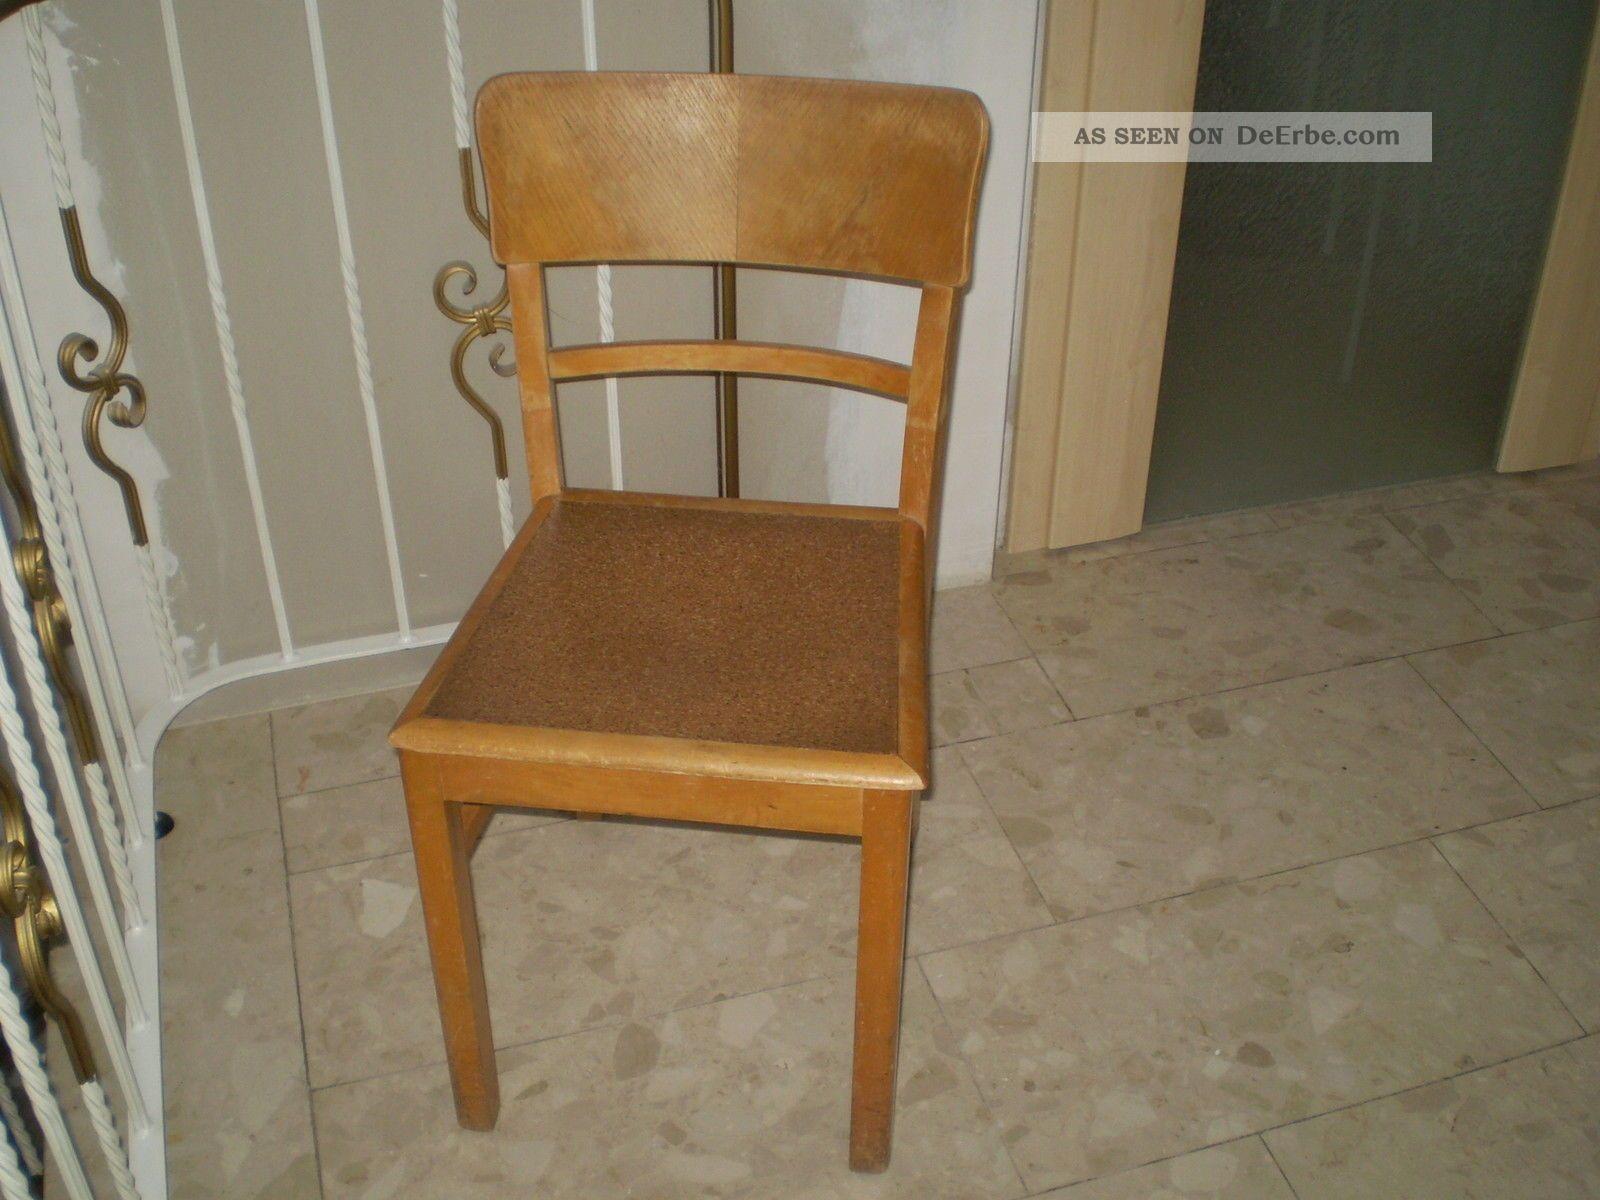 1antiker k chenstuhl holzstuhl um 1940 linolum sitzfl sche alt in originalzust. Black Bedroom Furniture Sets. Home Design Ideas